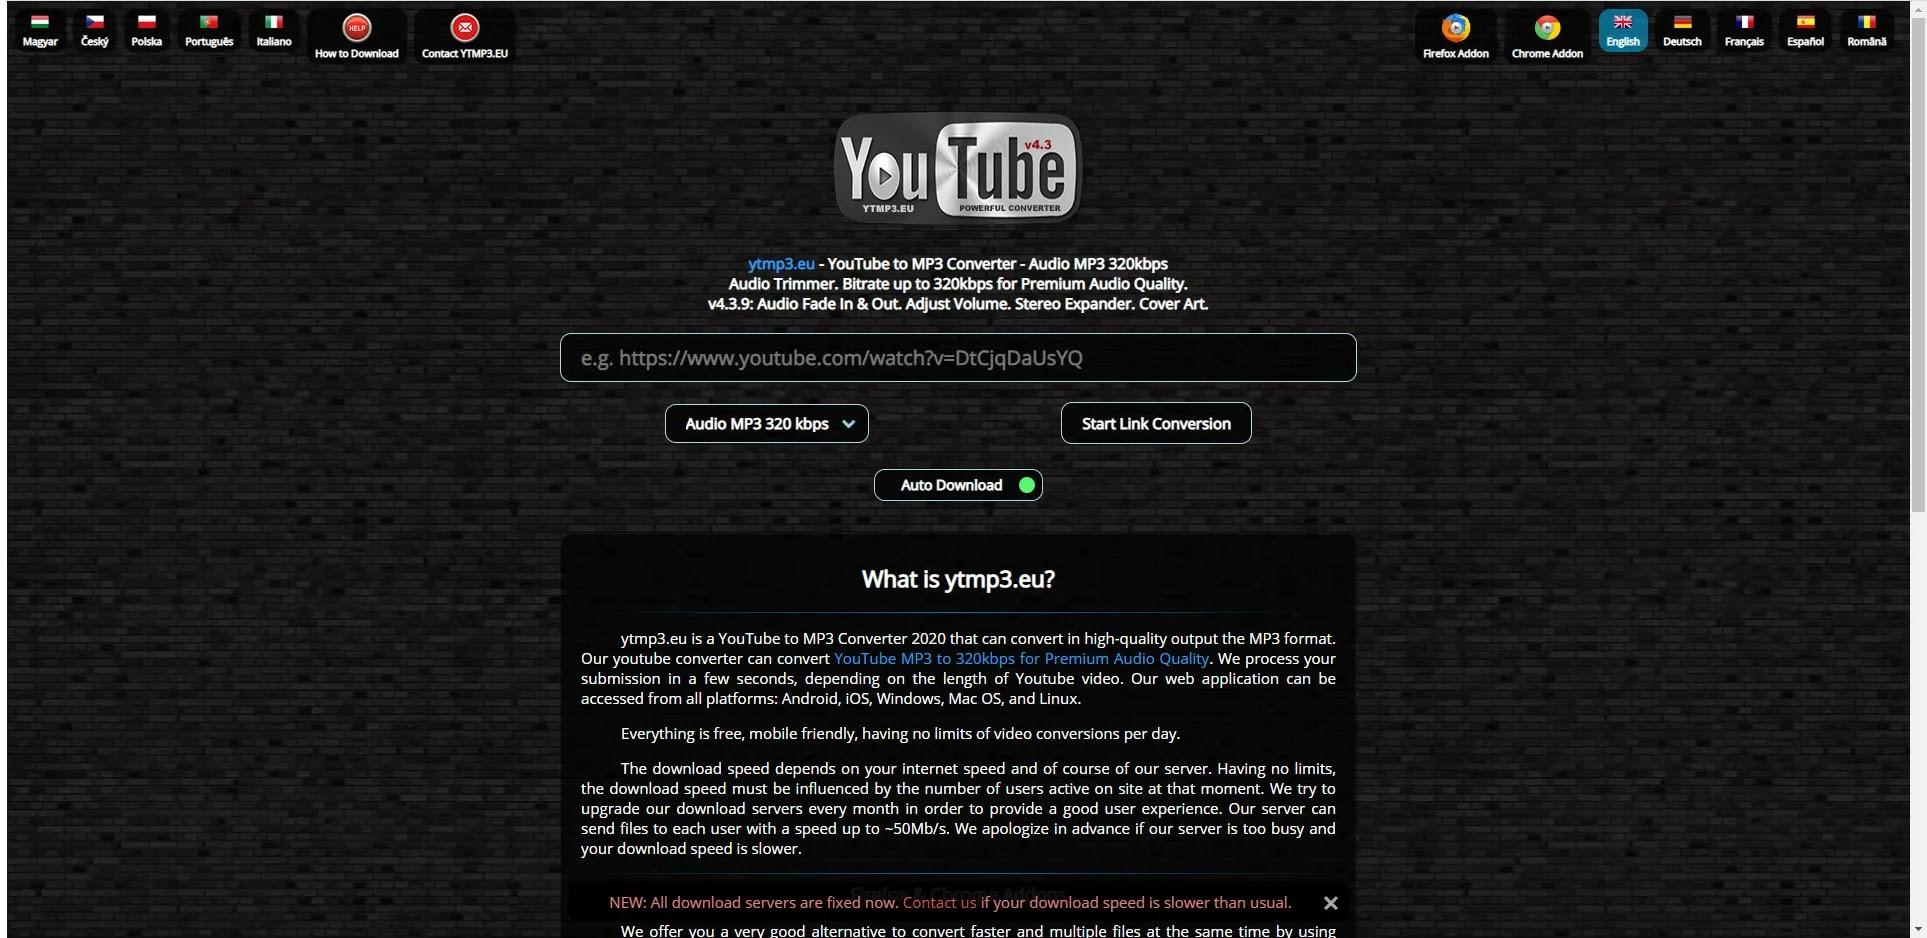 اقوي موقع للتحميل من اليوتيوب بصيغة mp3 بدون برامج 2021